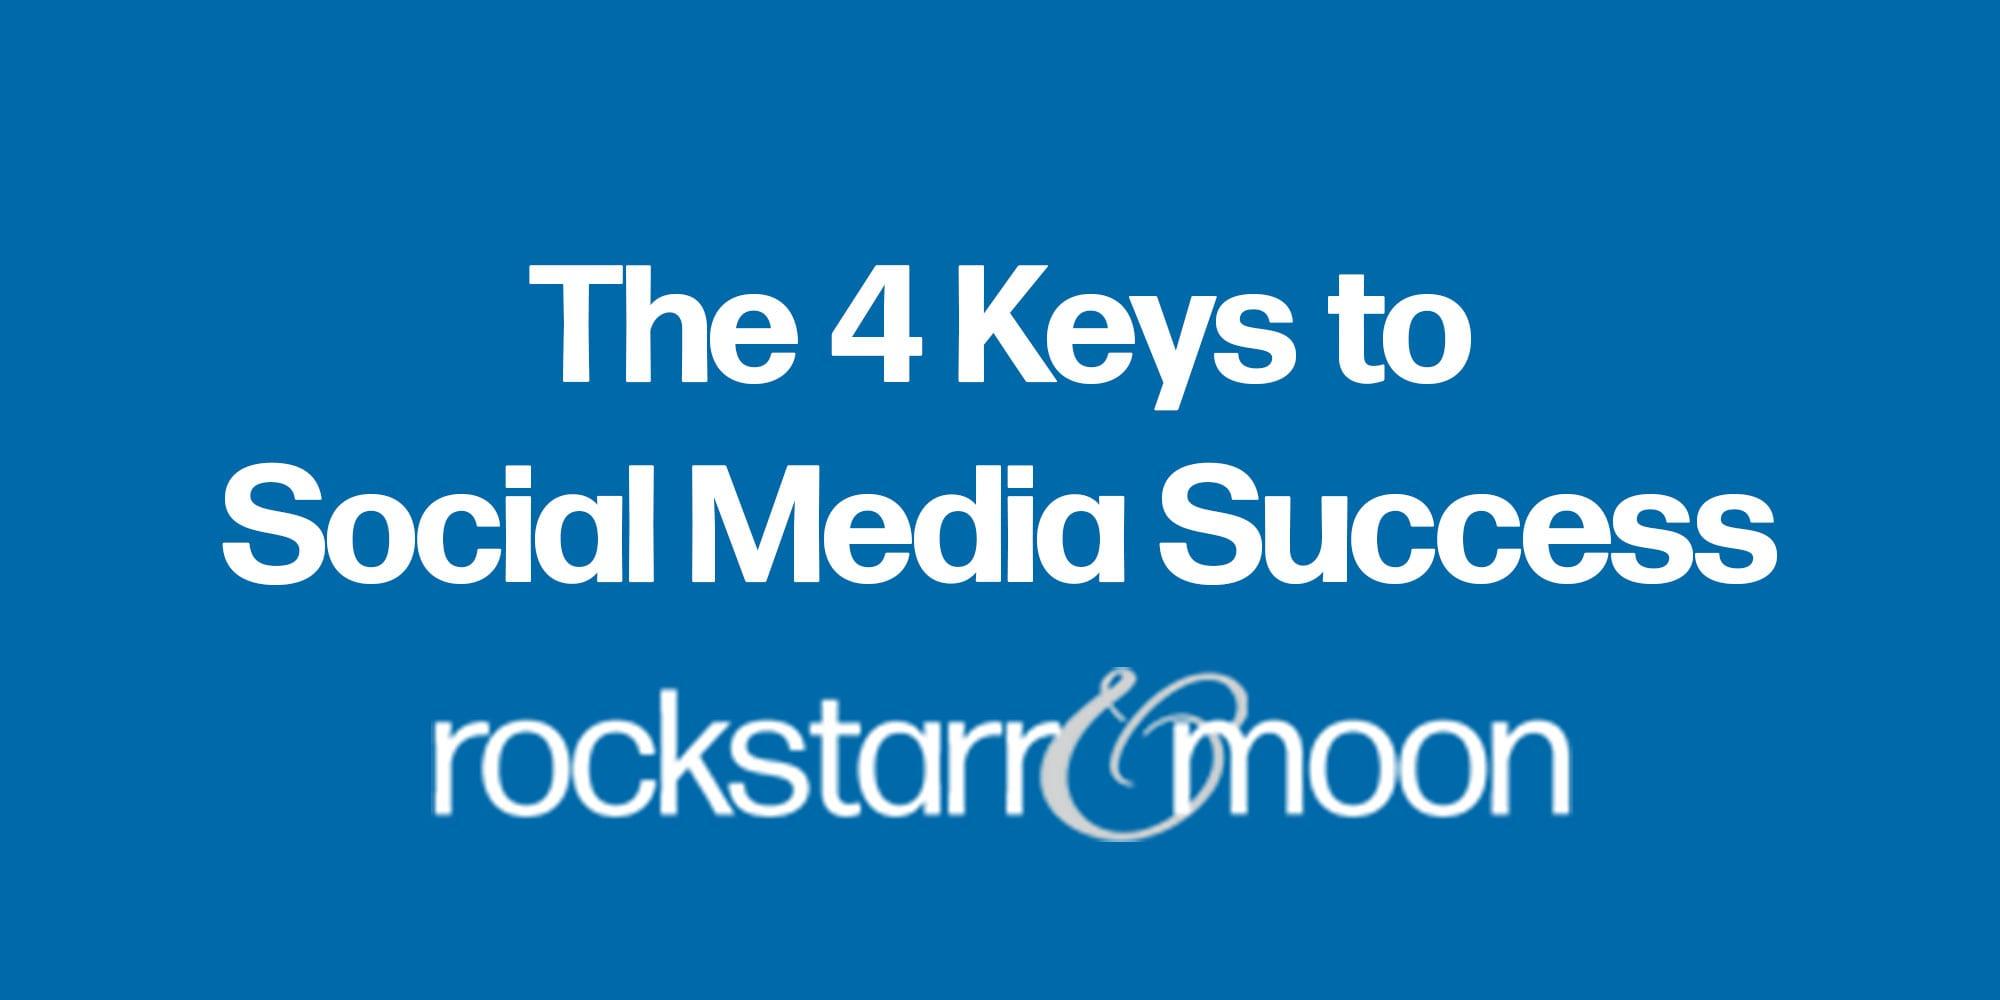 The 4 Keys to Social Media Success